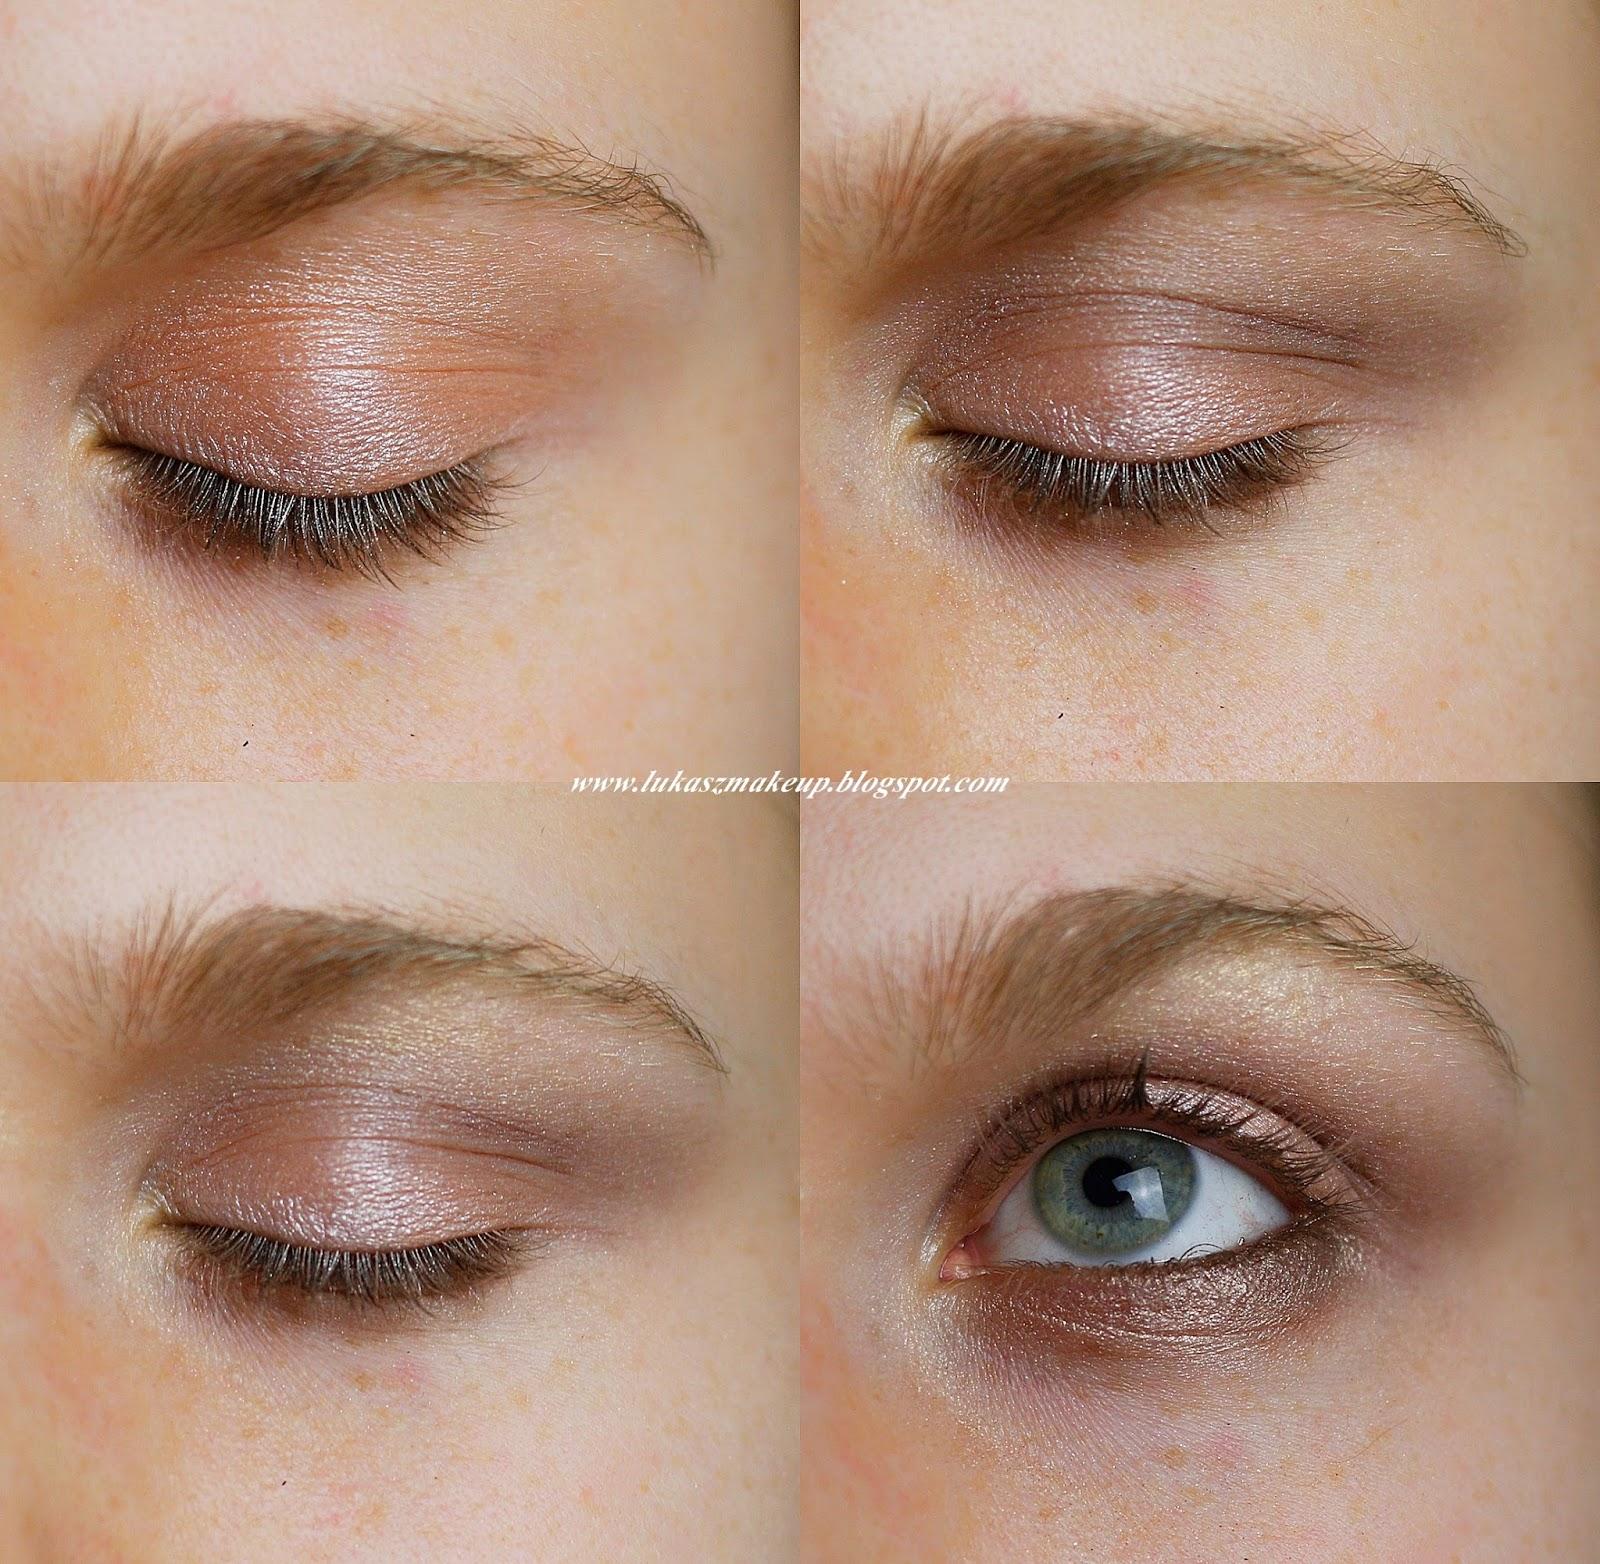 Makijaż Rozświetlający Wibo Shimmer Blog Kosmetyczny Beauty Moda